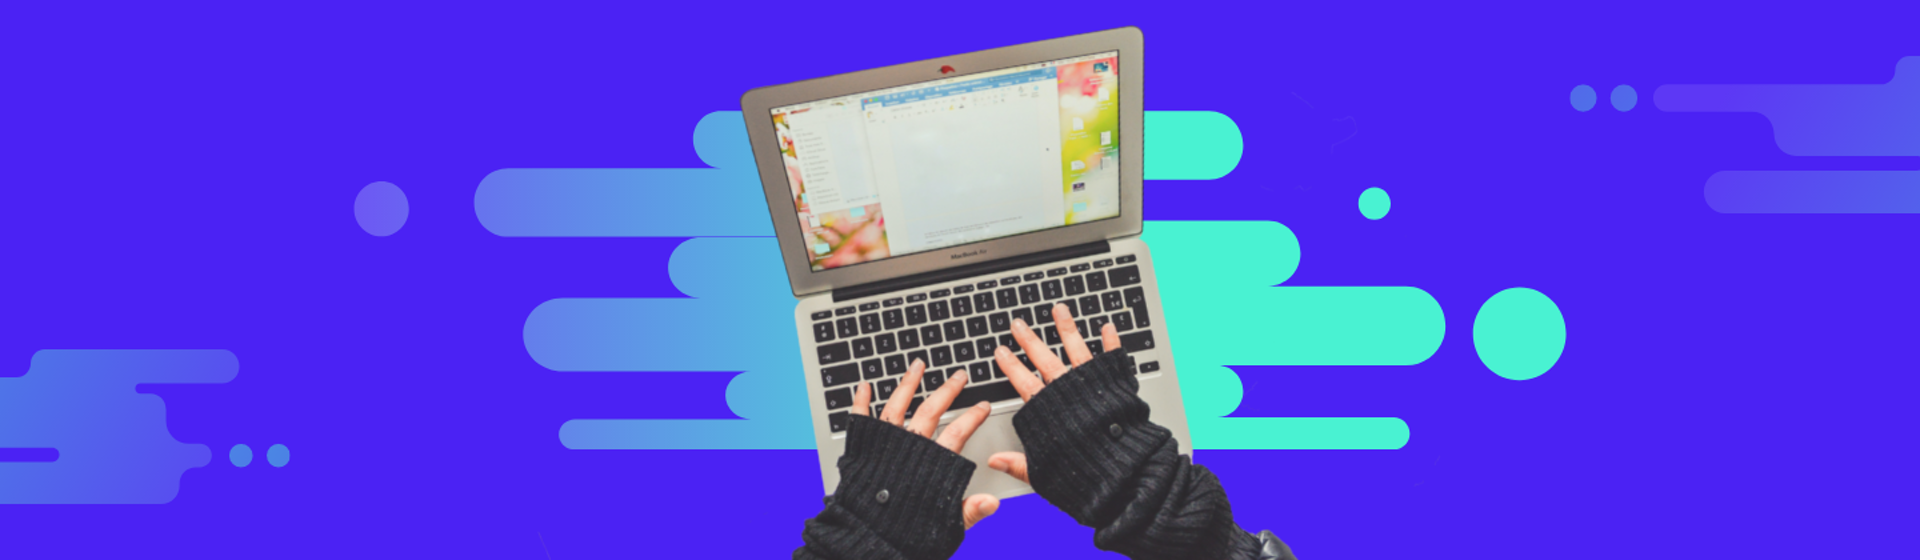 Portadas creativas para trabajos de Word: 8 plantillas que harán brillar tus documentos